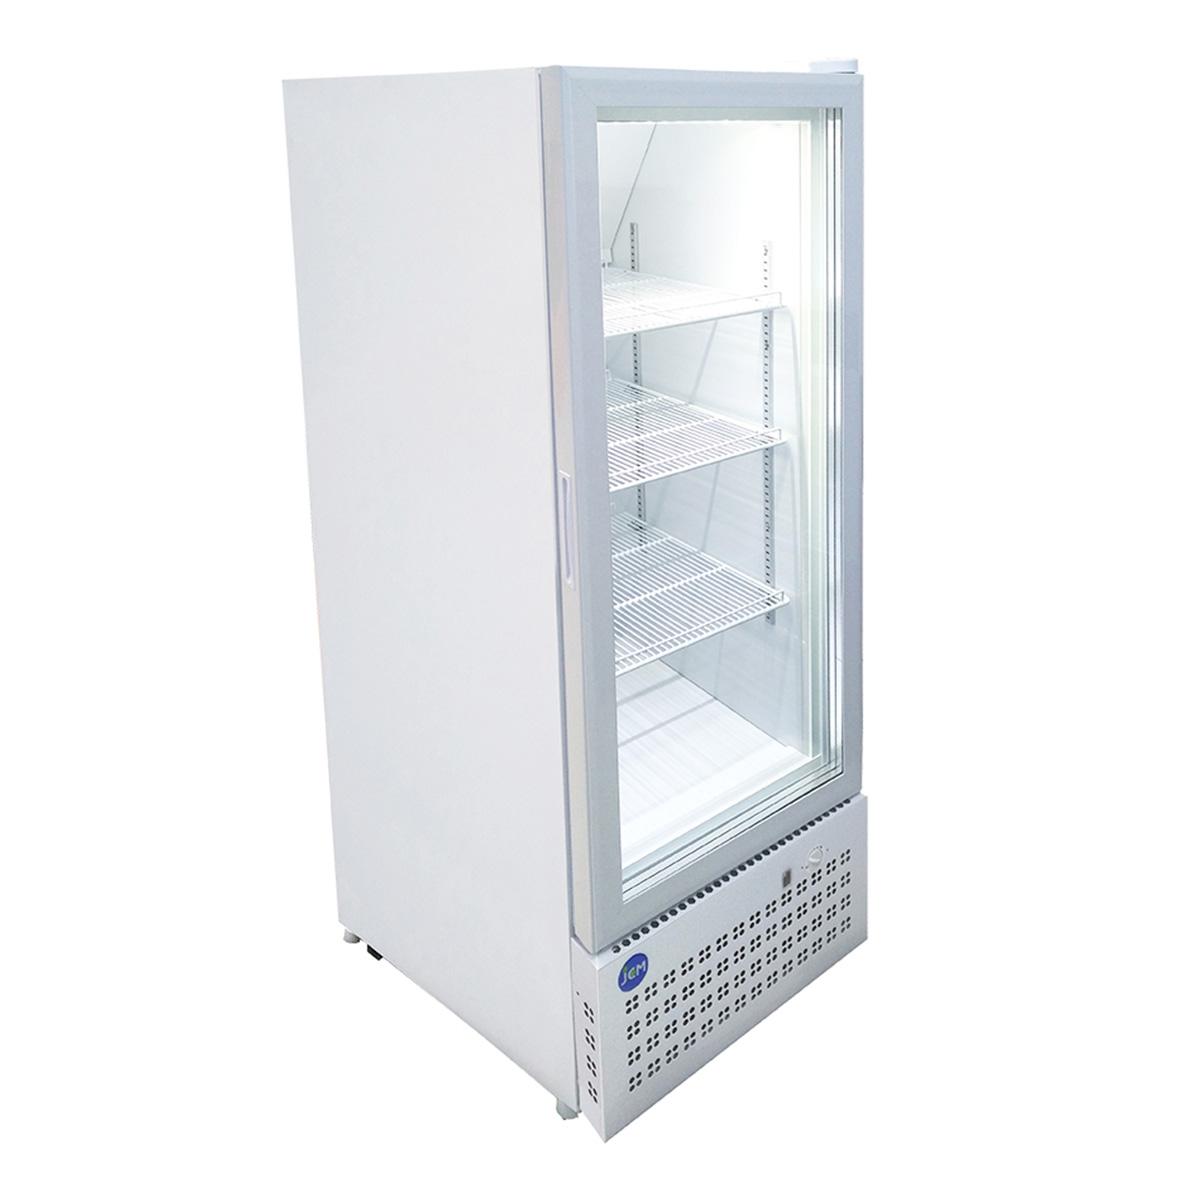 JCM タテ型冷凍ショーケース JCMCS-283H 283L 業務用 冷凍 冷凍庫 保冷庫 ショーケース 【代引不可】